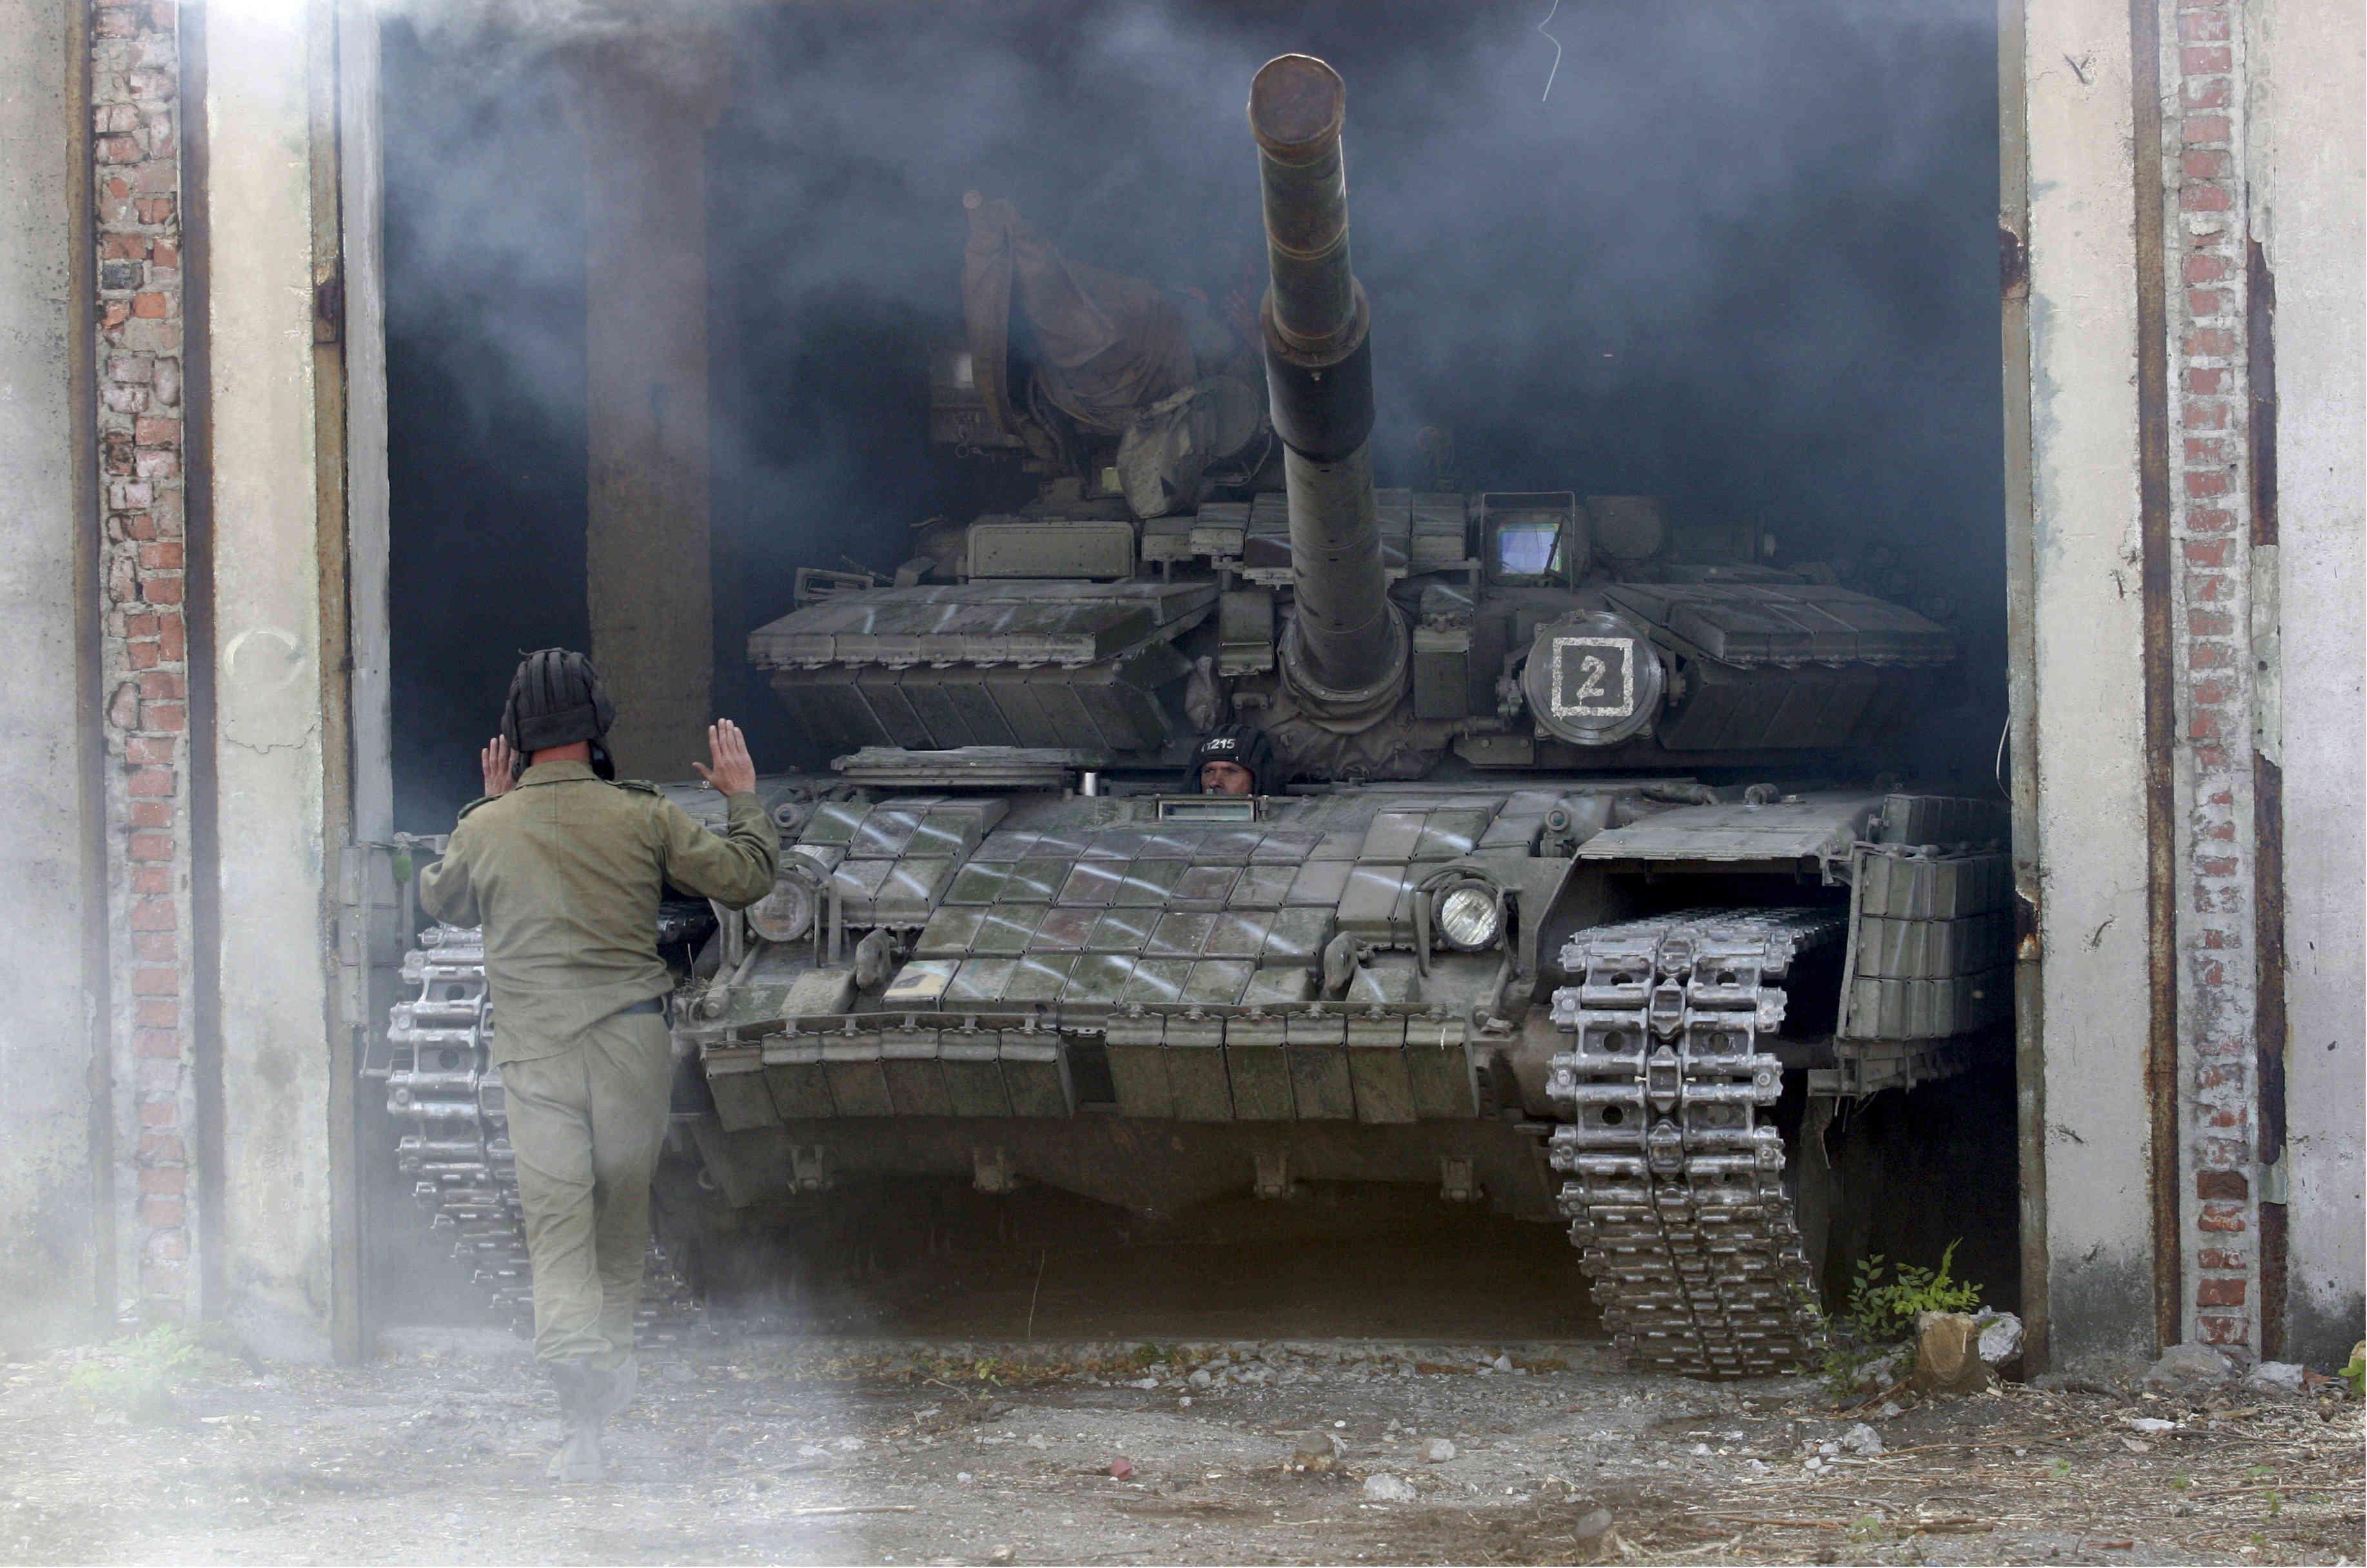 El miembro de las fuerzas de la república autoproclamada de Luhansk guía al tanque después de retirarlo de la línea de separación cerca de Luhansk, Ucrania, el 3 de octubre de 2015. REUTERS/Alexander Ermochenko (Atlantic Council)